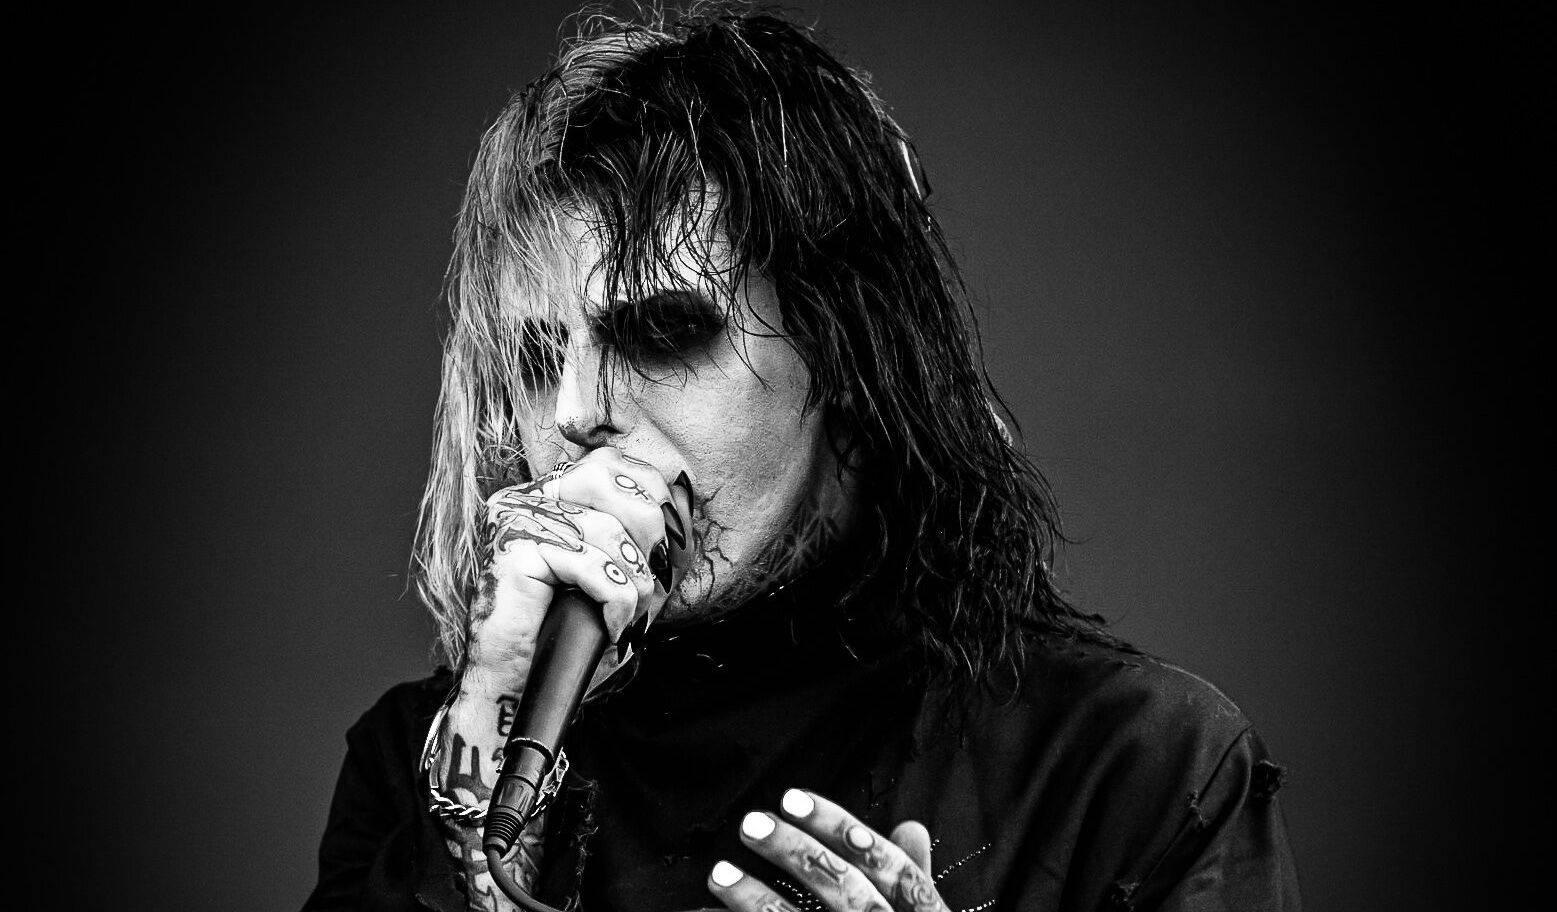 Temný rapper Ghostemane vystoupí ve Foru Karlín. Chystá hororovou show